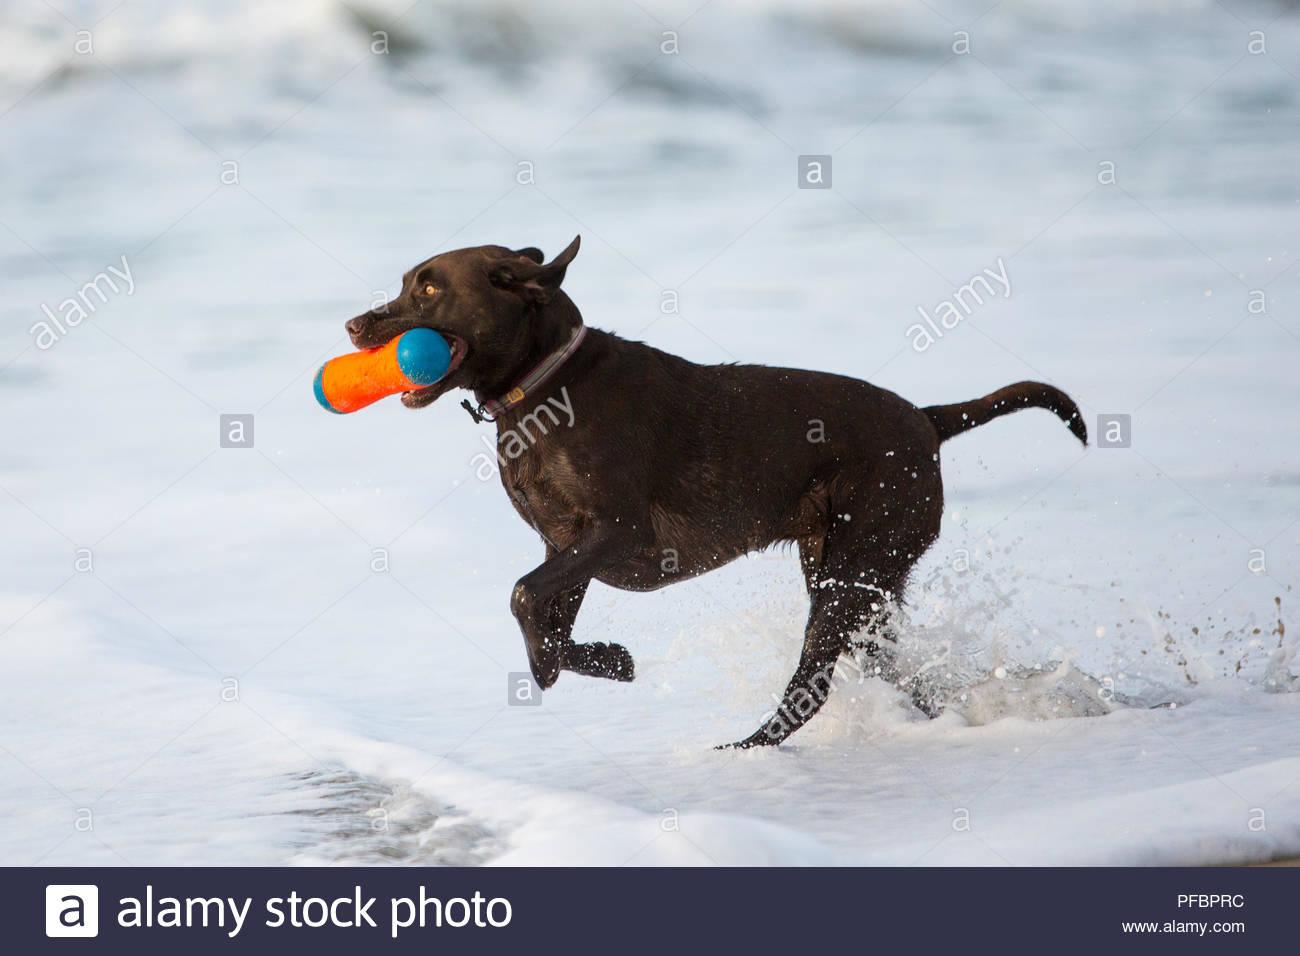 Brauner Labrador Retriever laufen durch die surfline mit einem orangefarbenen Spielzeug in den Mund Stockbild